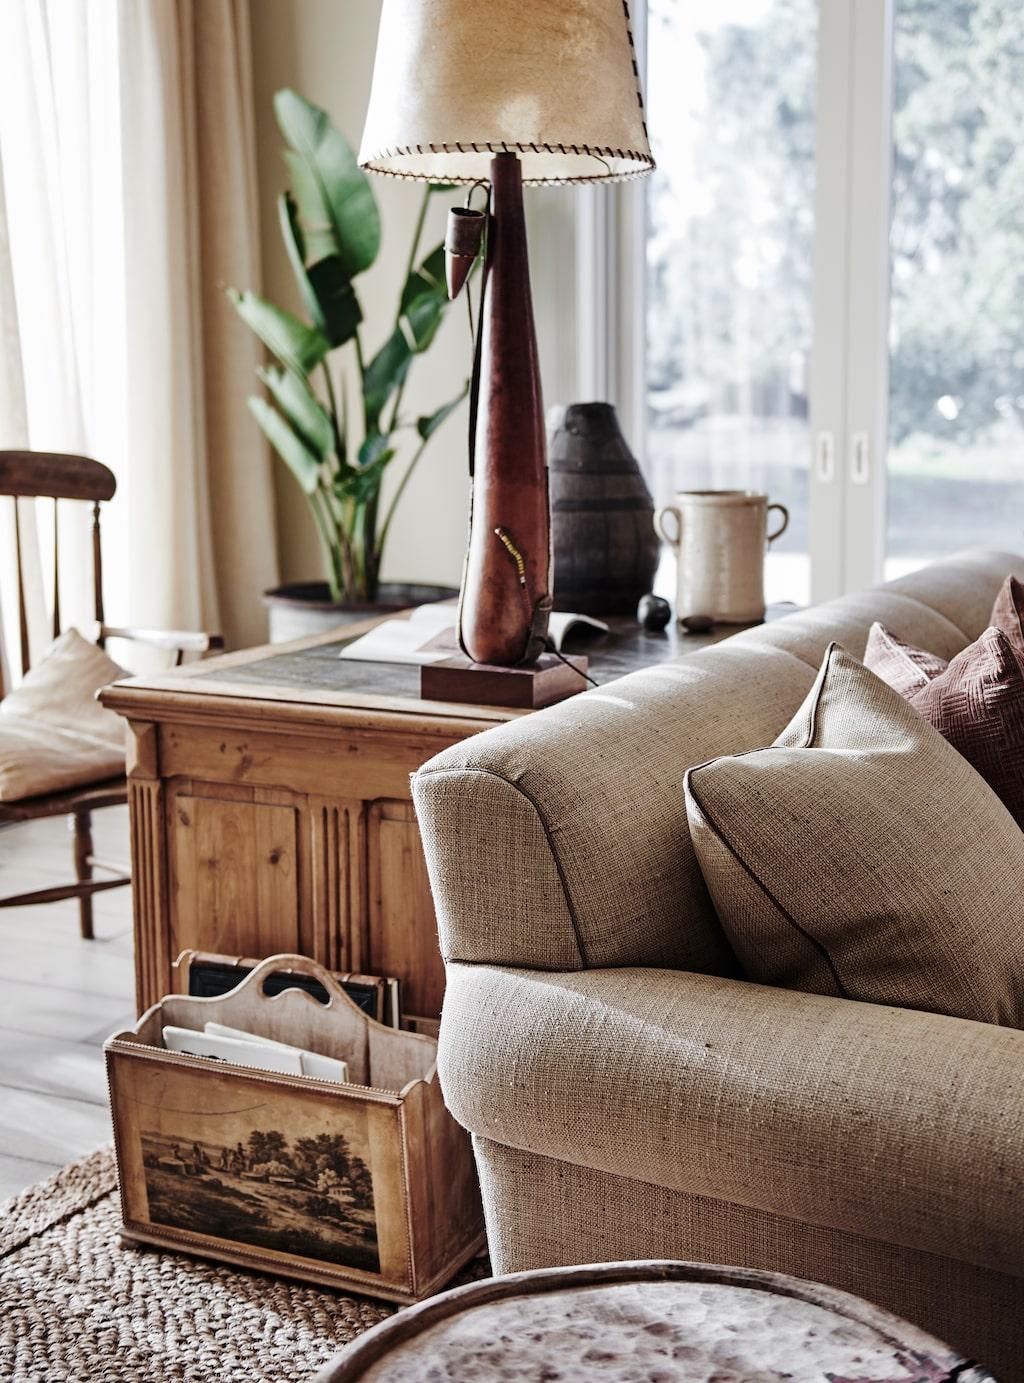 Här och var har afrikanskt hantverk smugit sig in i den australiska estetiken, som i bordslampan bakom soffan.